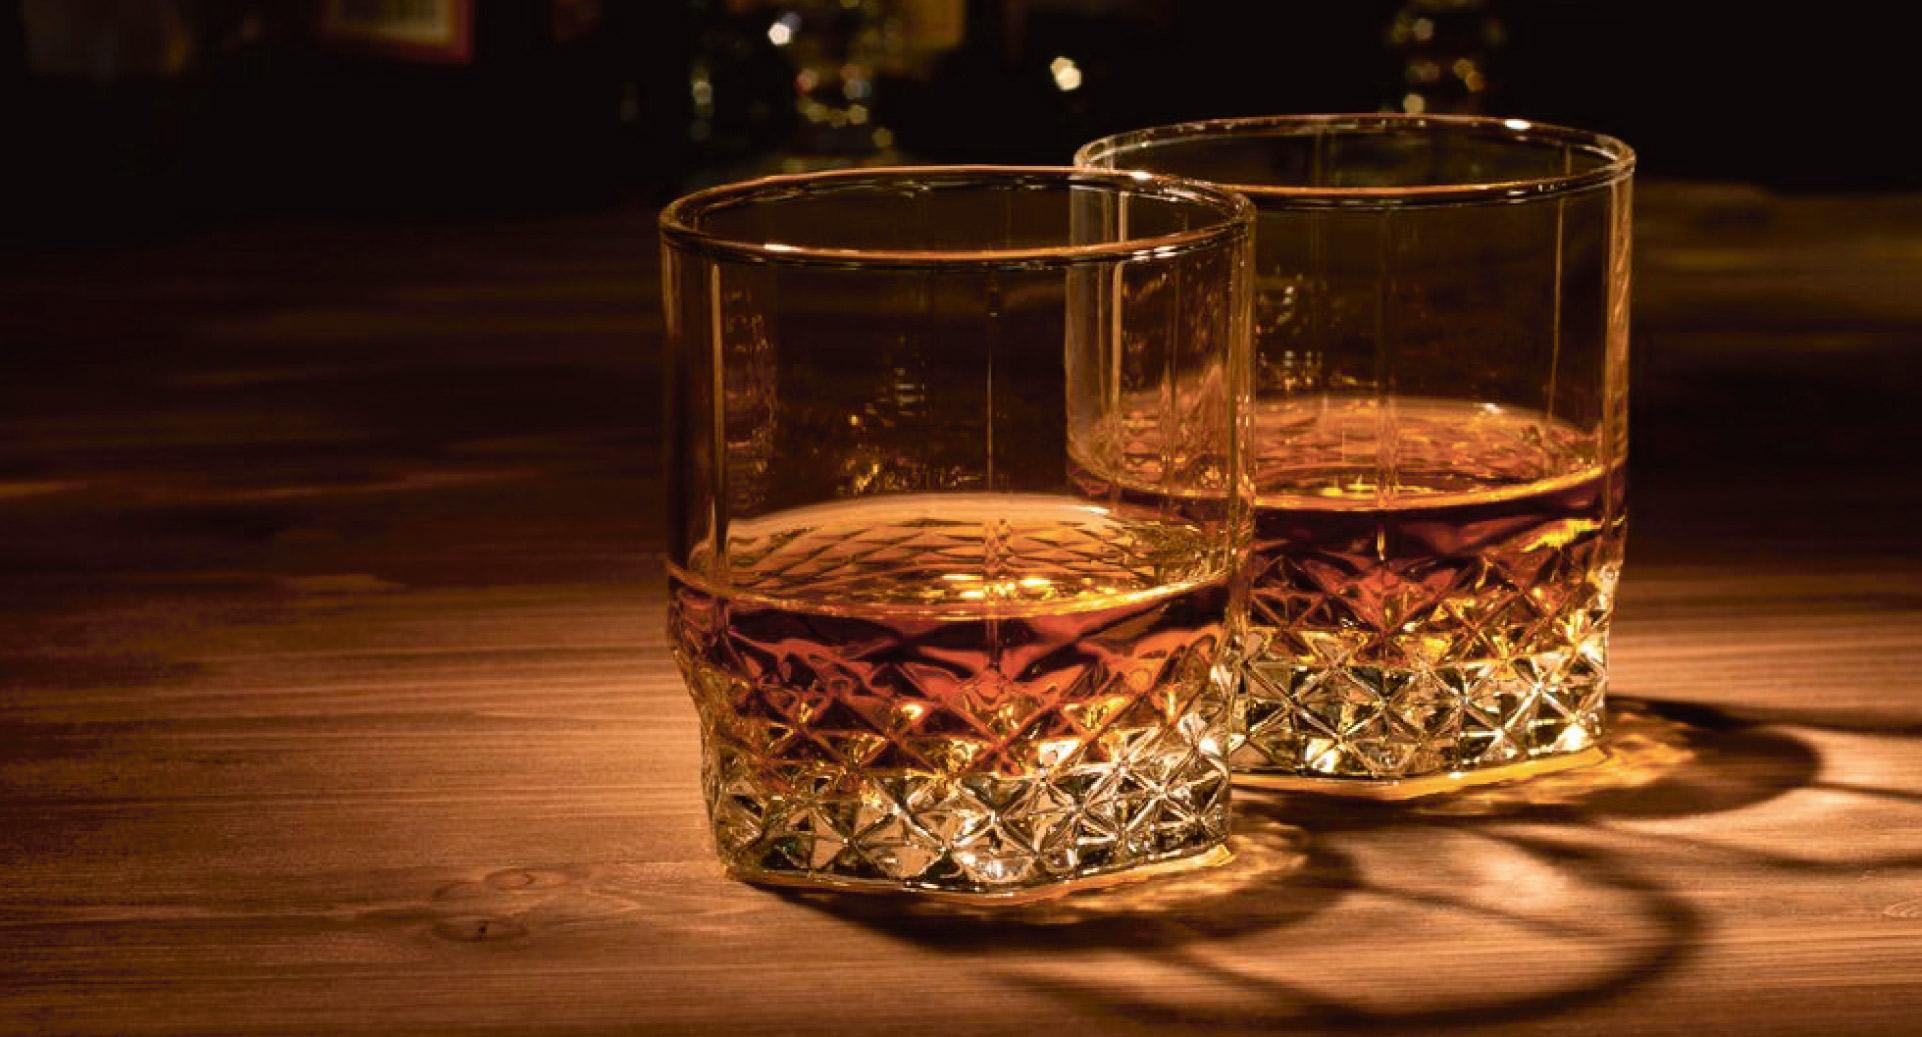 To glass whisky på et bord. En kul gave til mannen som har alt.